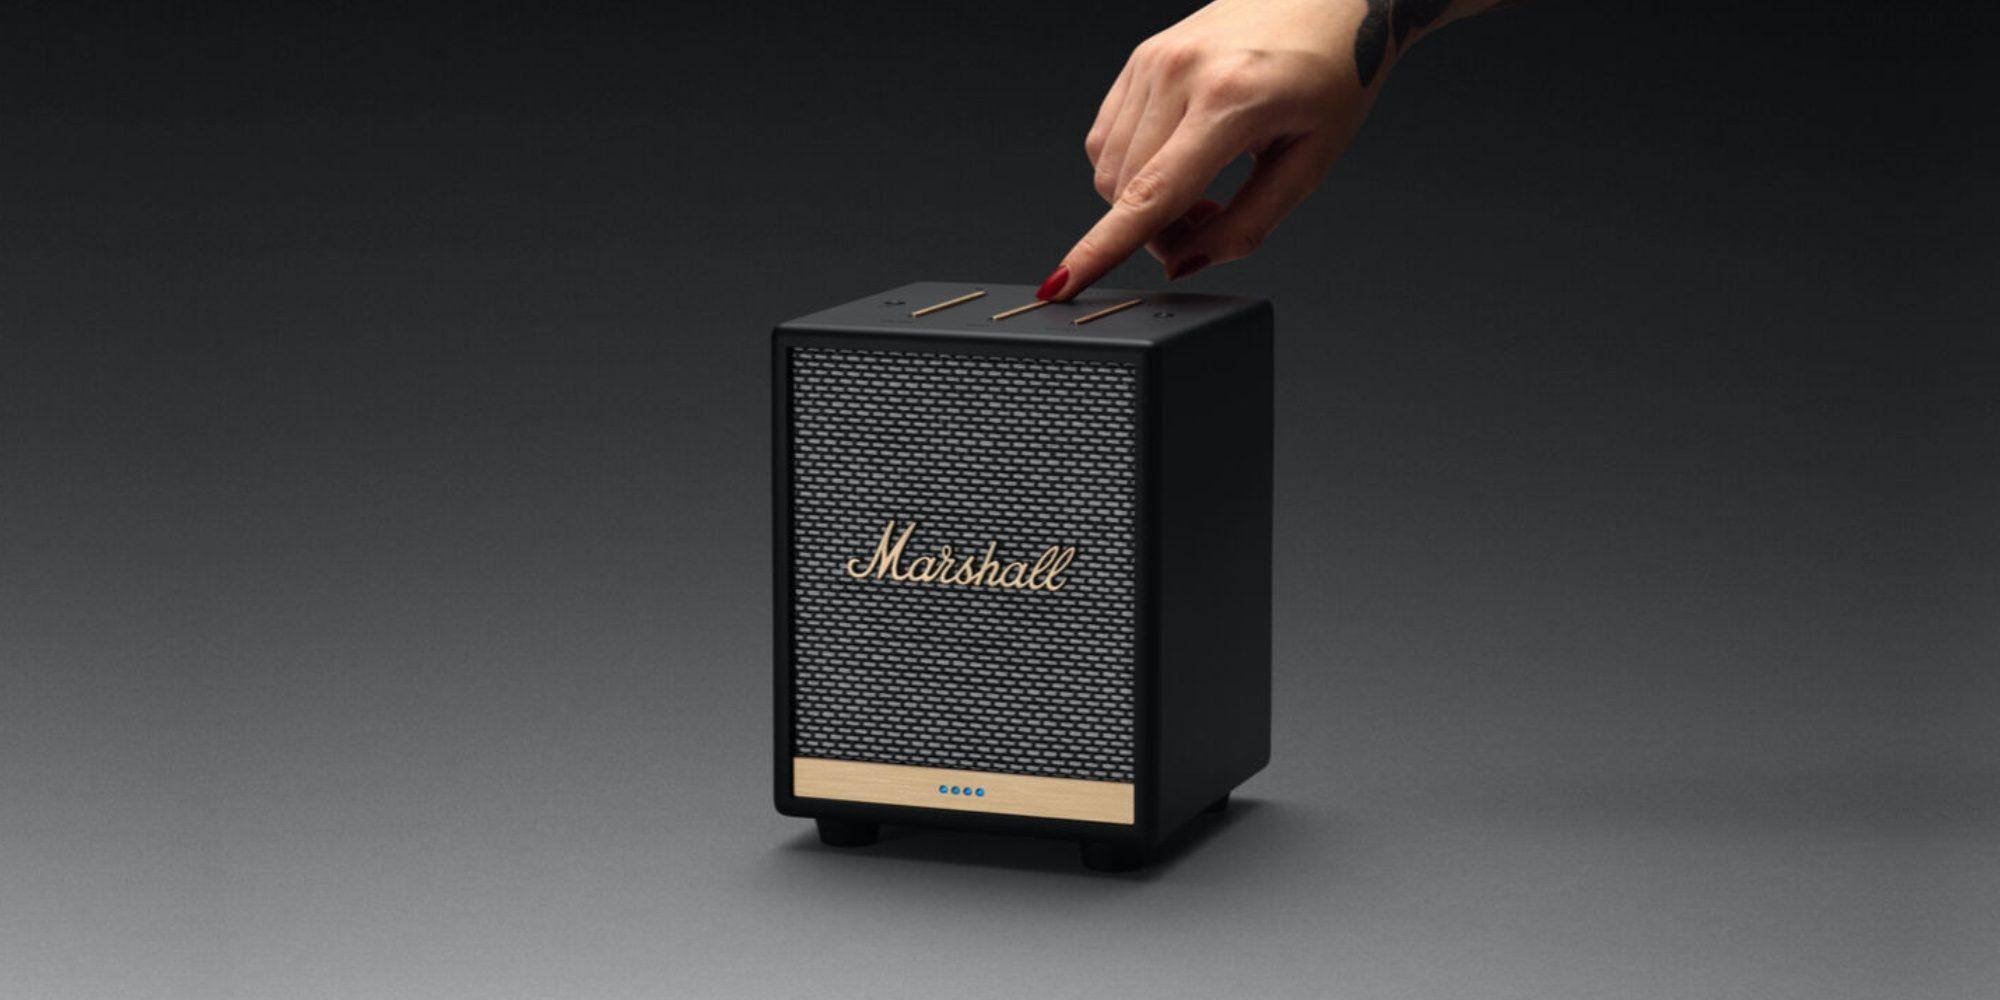 Смарт-колонка Marshall Uxbridge Voice Speaker стилизована под гитарный усилитель